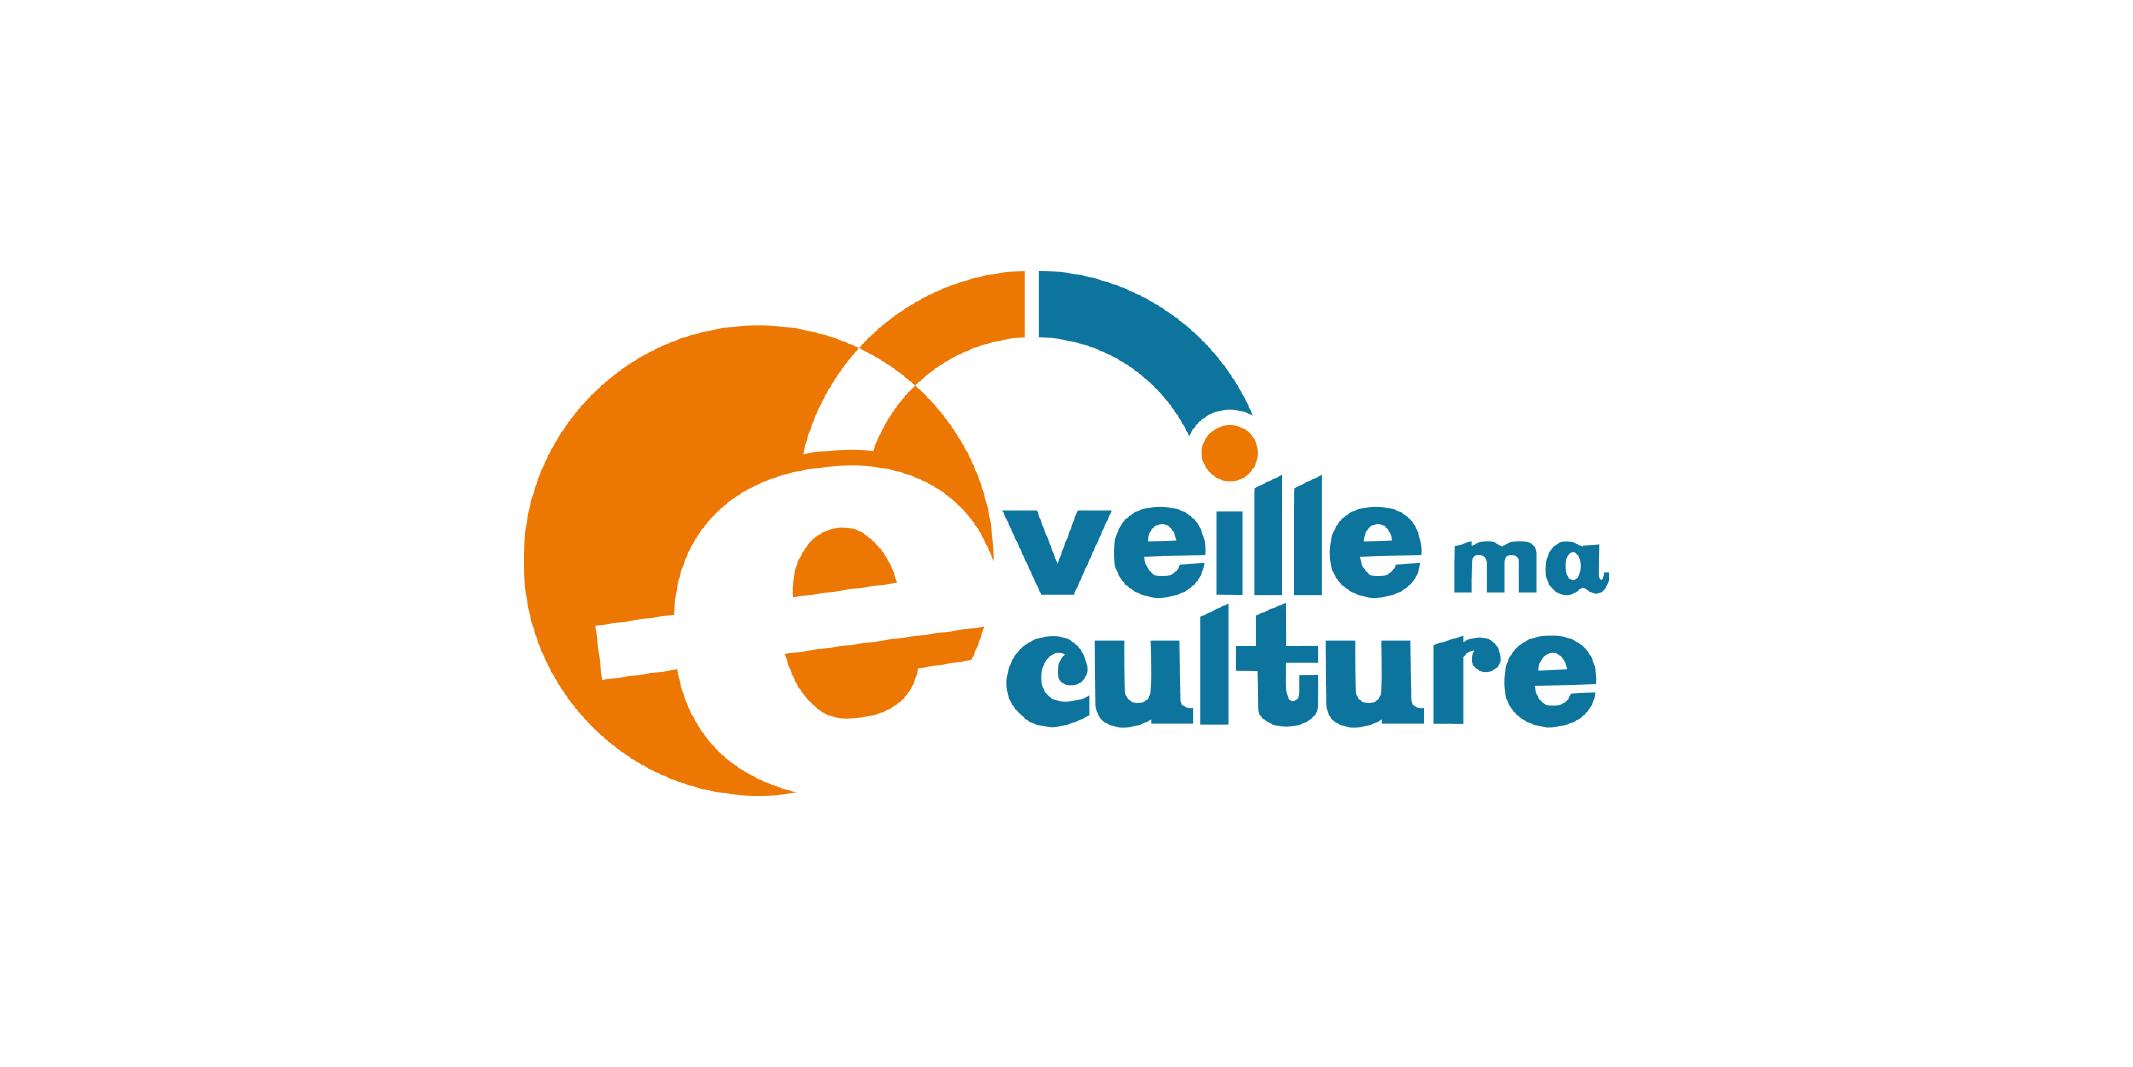 Éveille ma culture